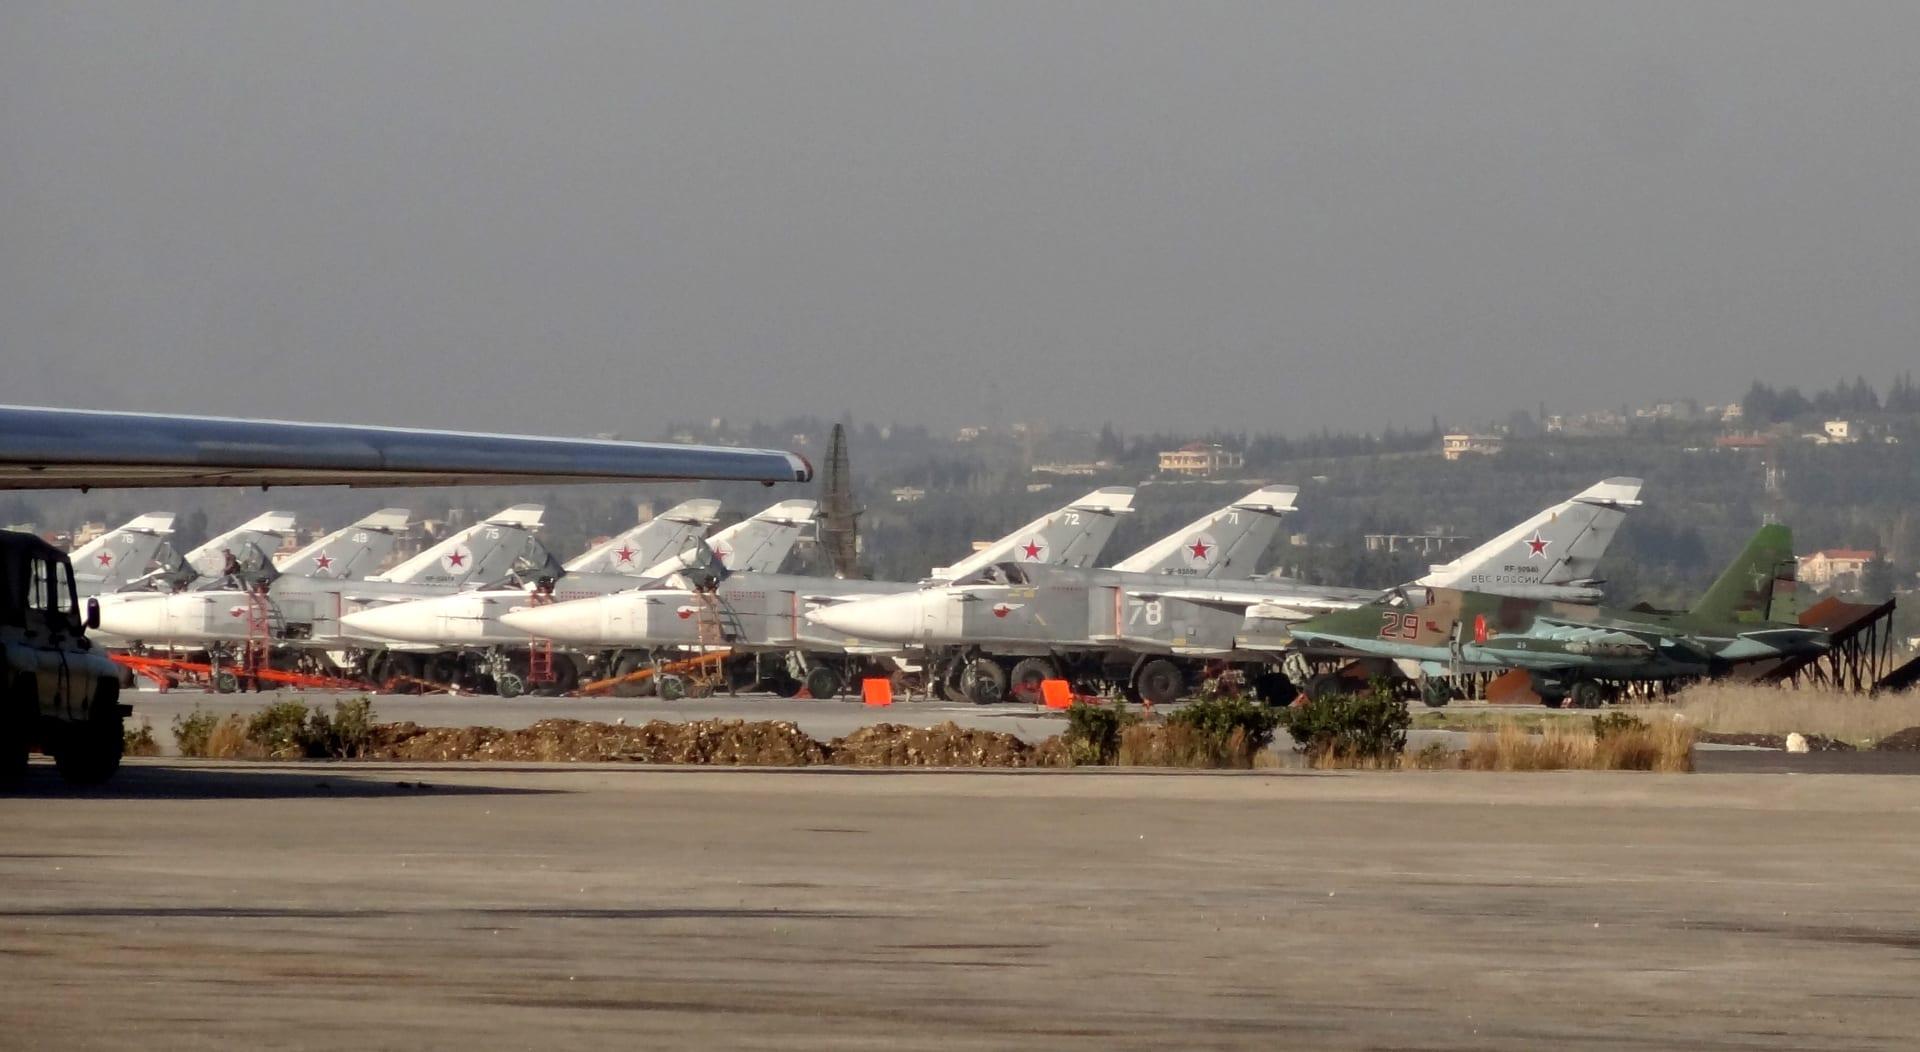 مسؤول: لا إشارات على عمليات انتقامية لروسيا أو النظام السوري بعد الضربة